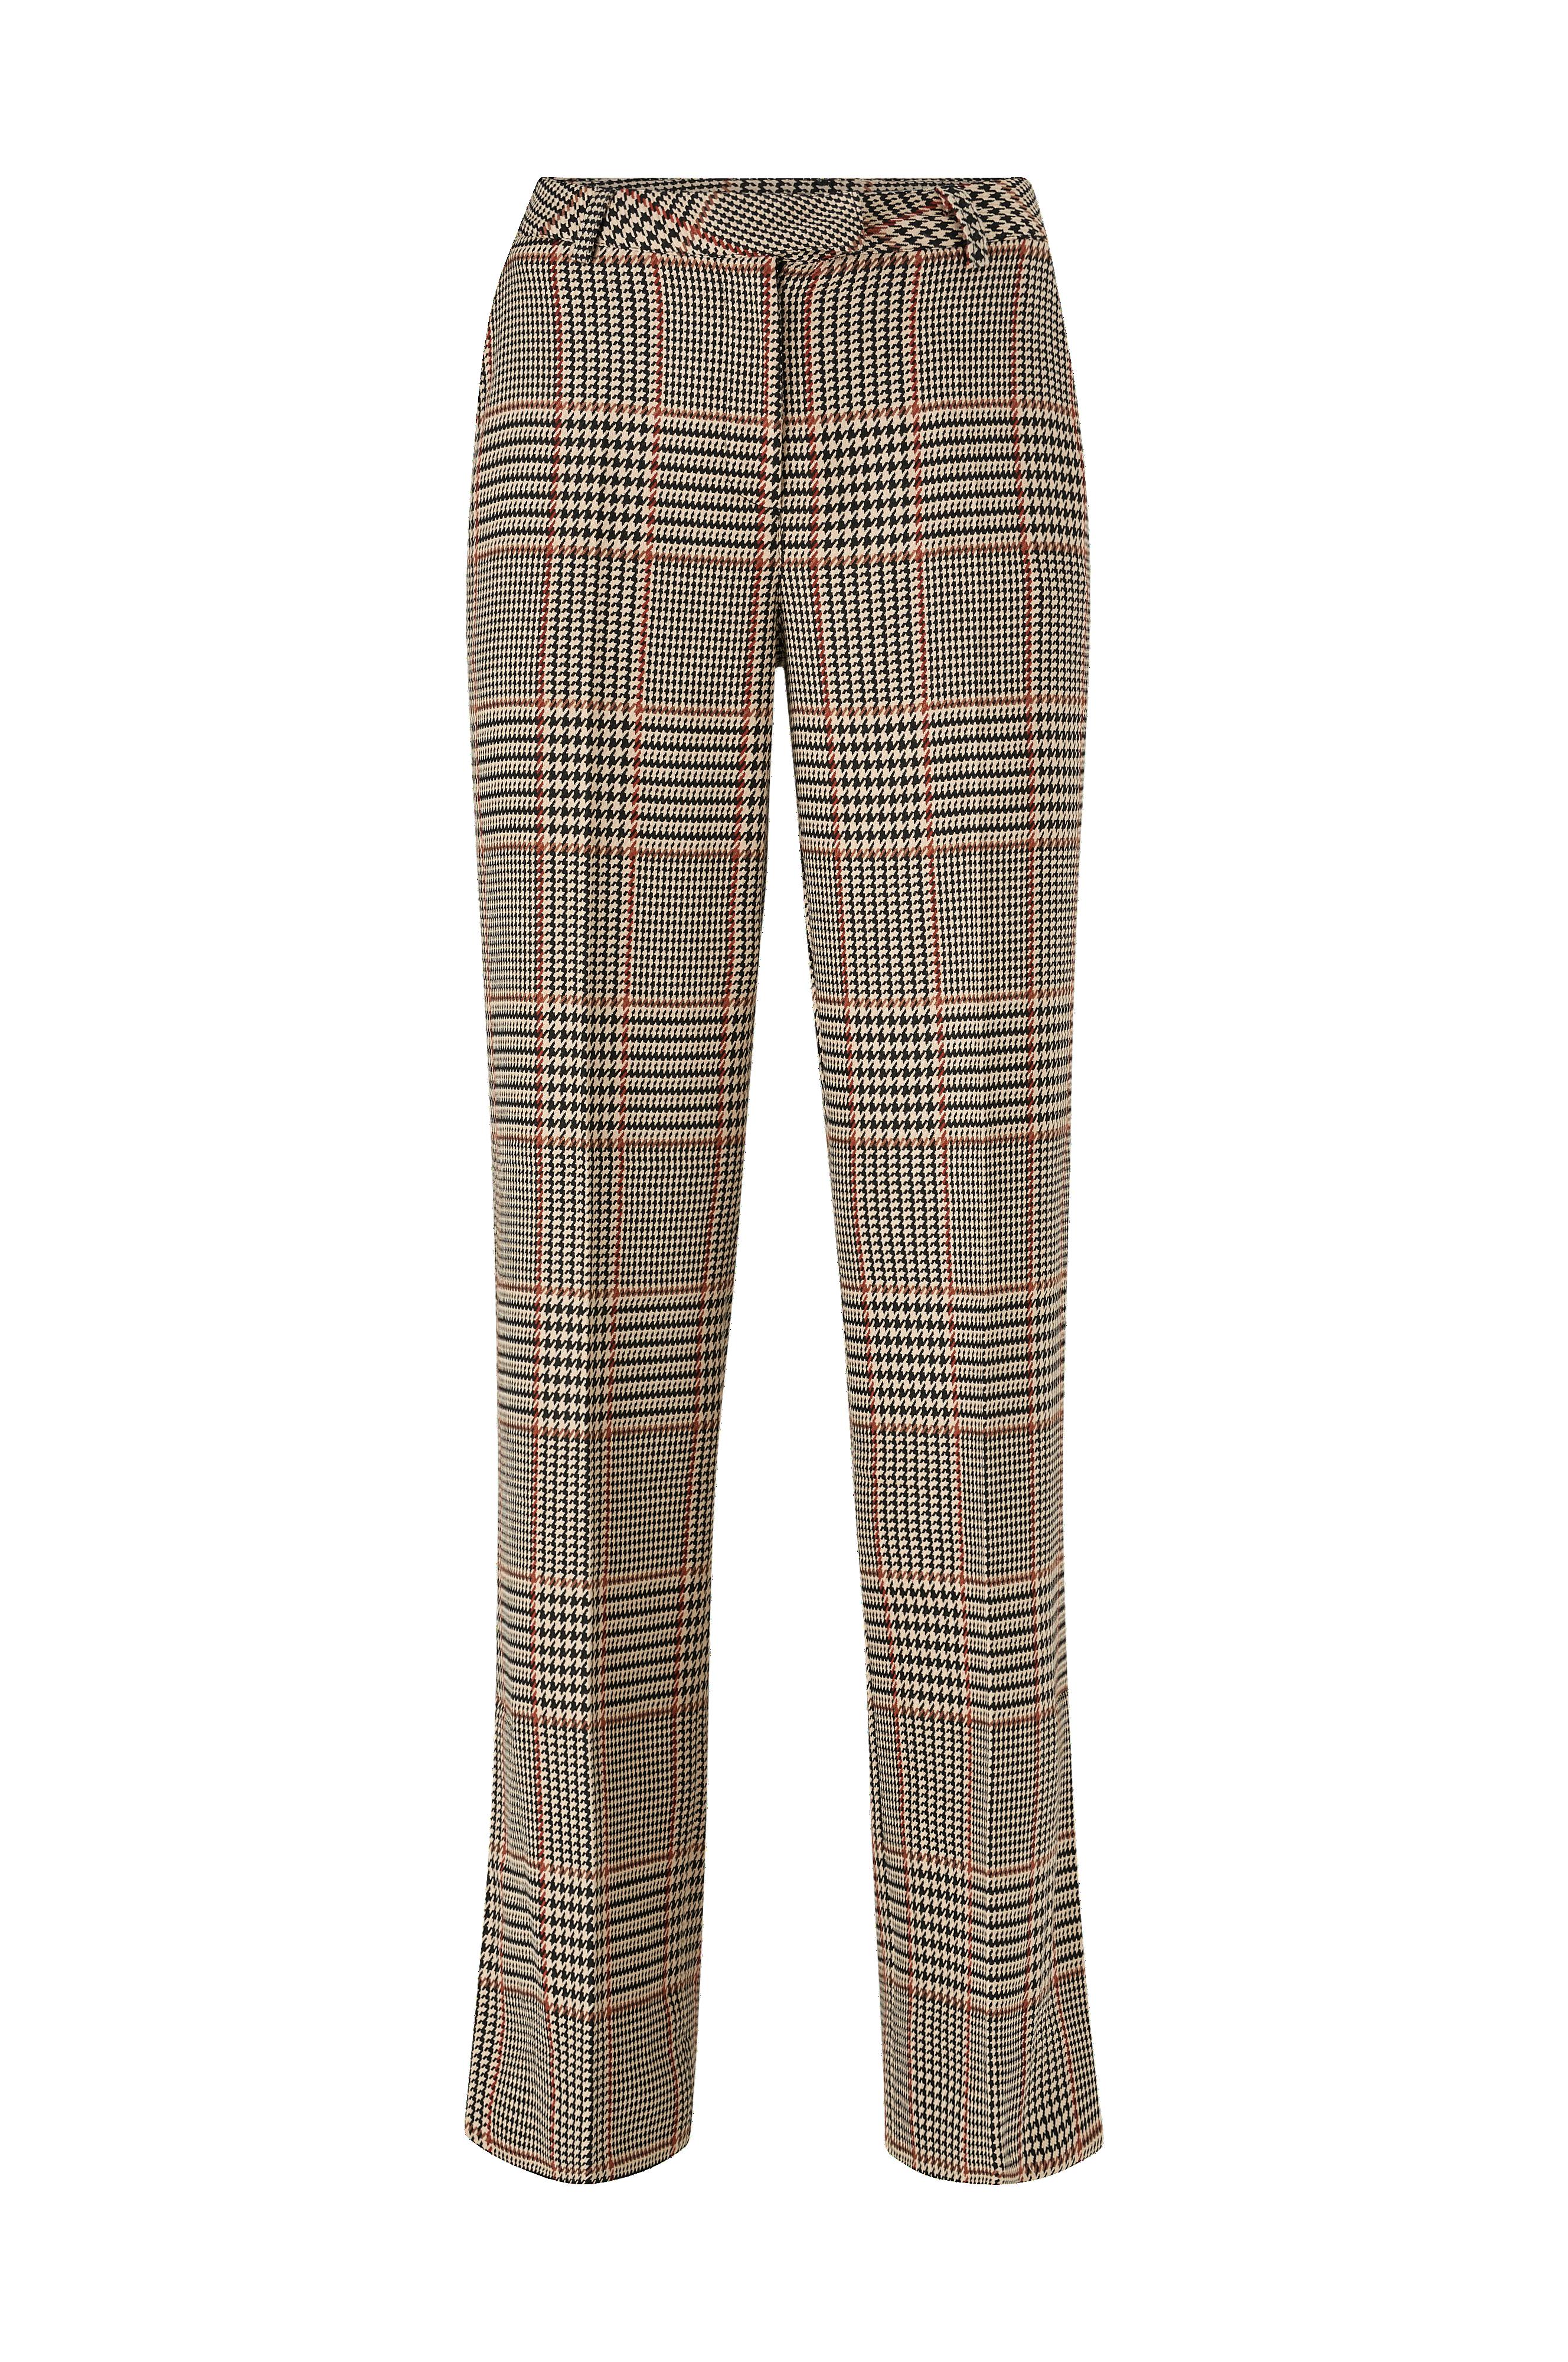 Bukser Ainine HW Trousers